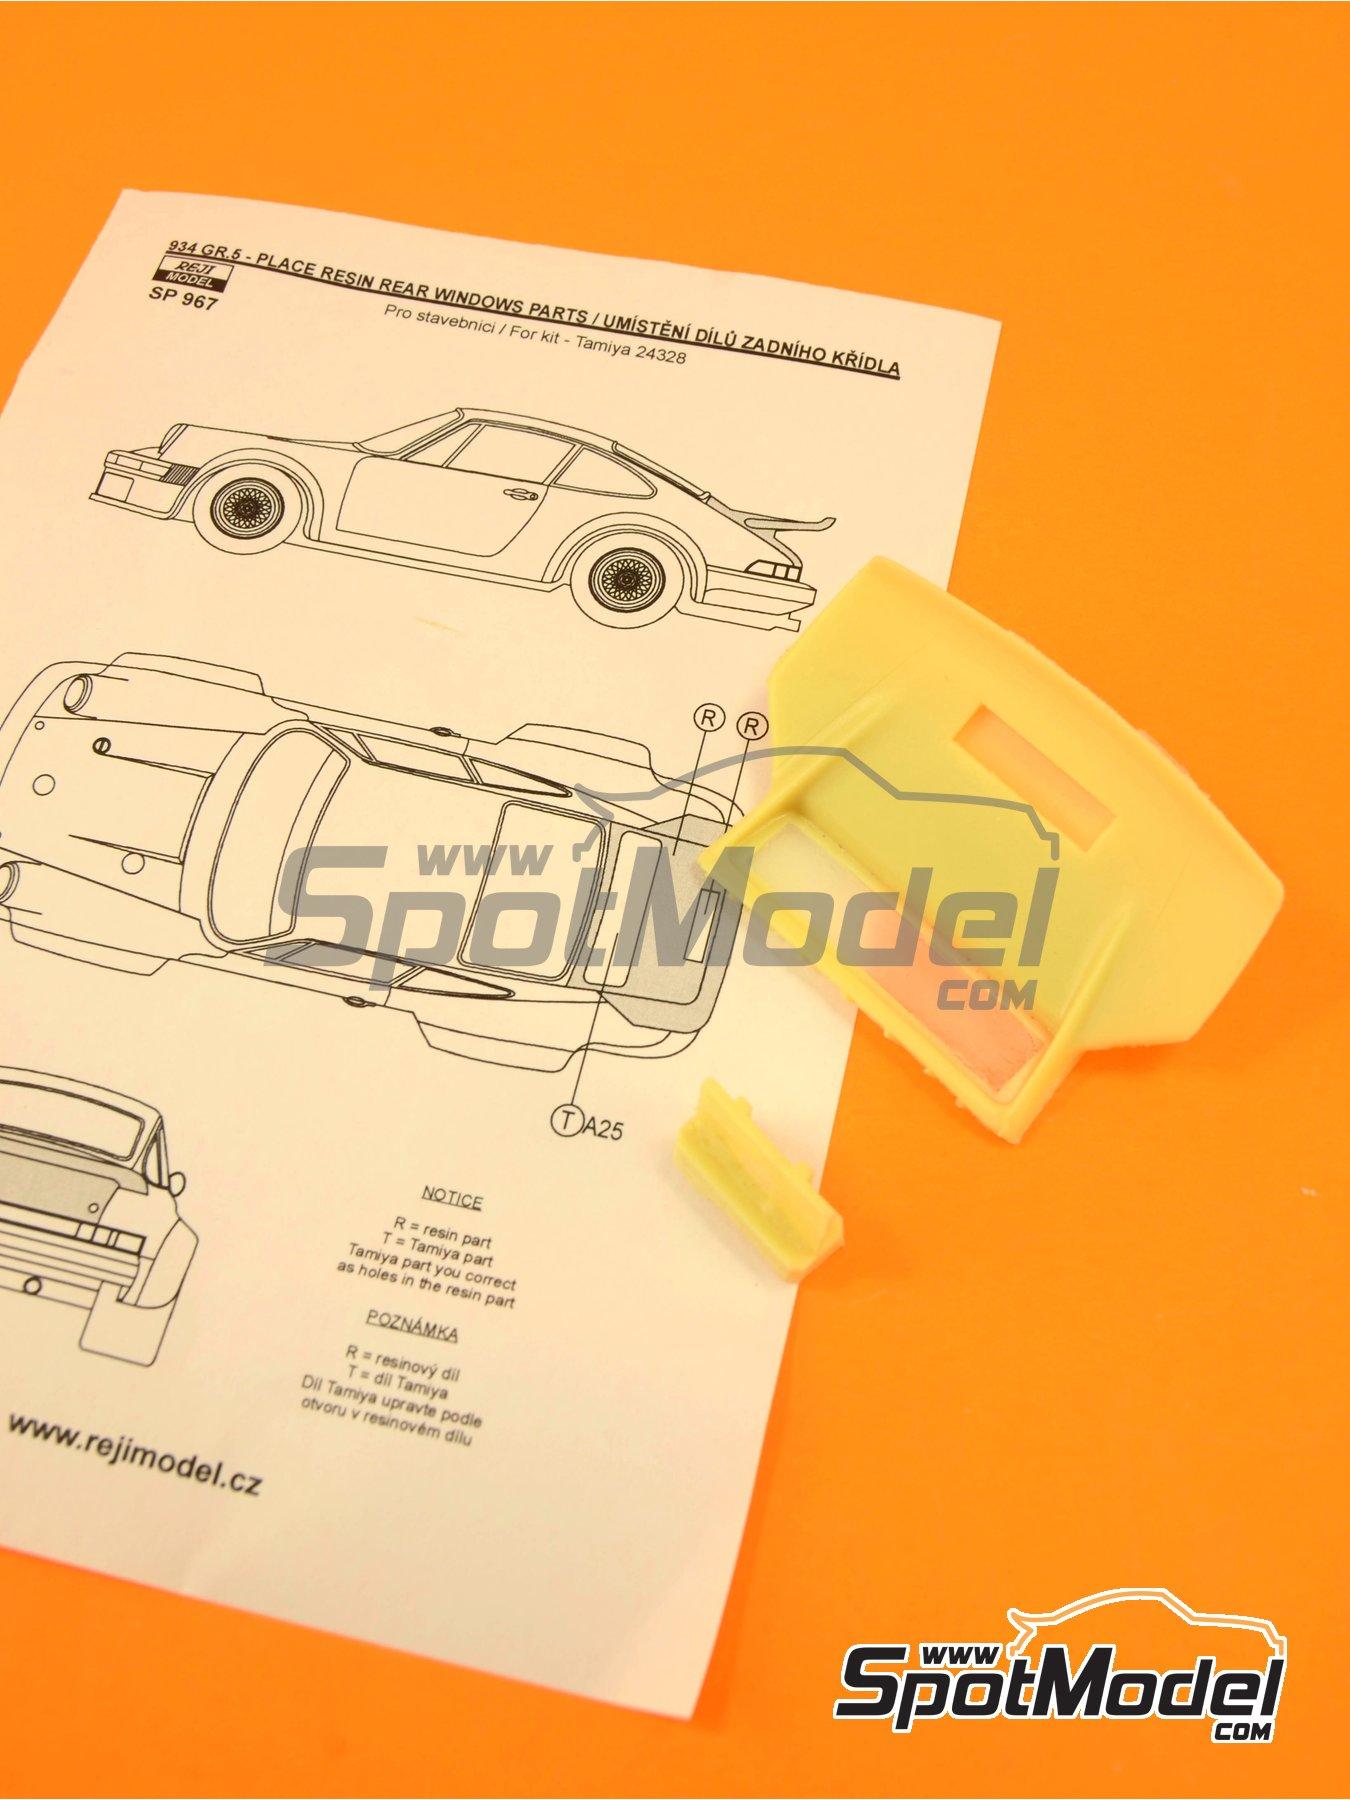 Porsche 934 Turbo RSR Group 4 rear spoiler | Transkit in 1/24 scale manufactured by Reji Model (ref.REJI-SP967) image